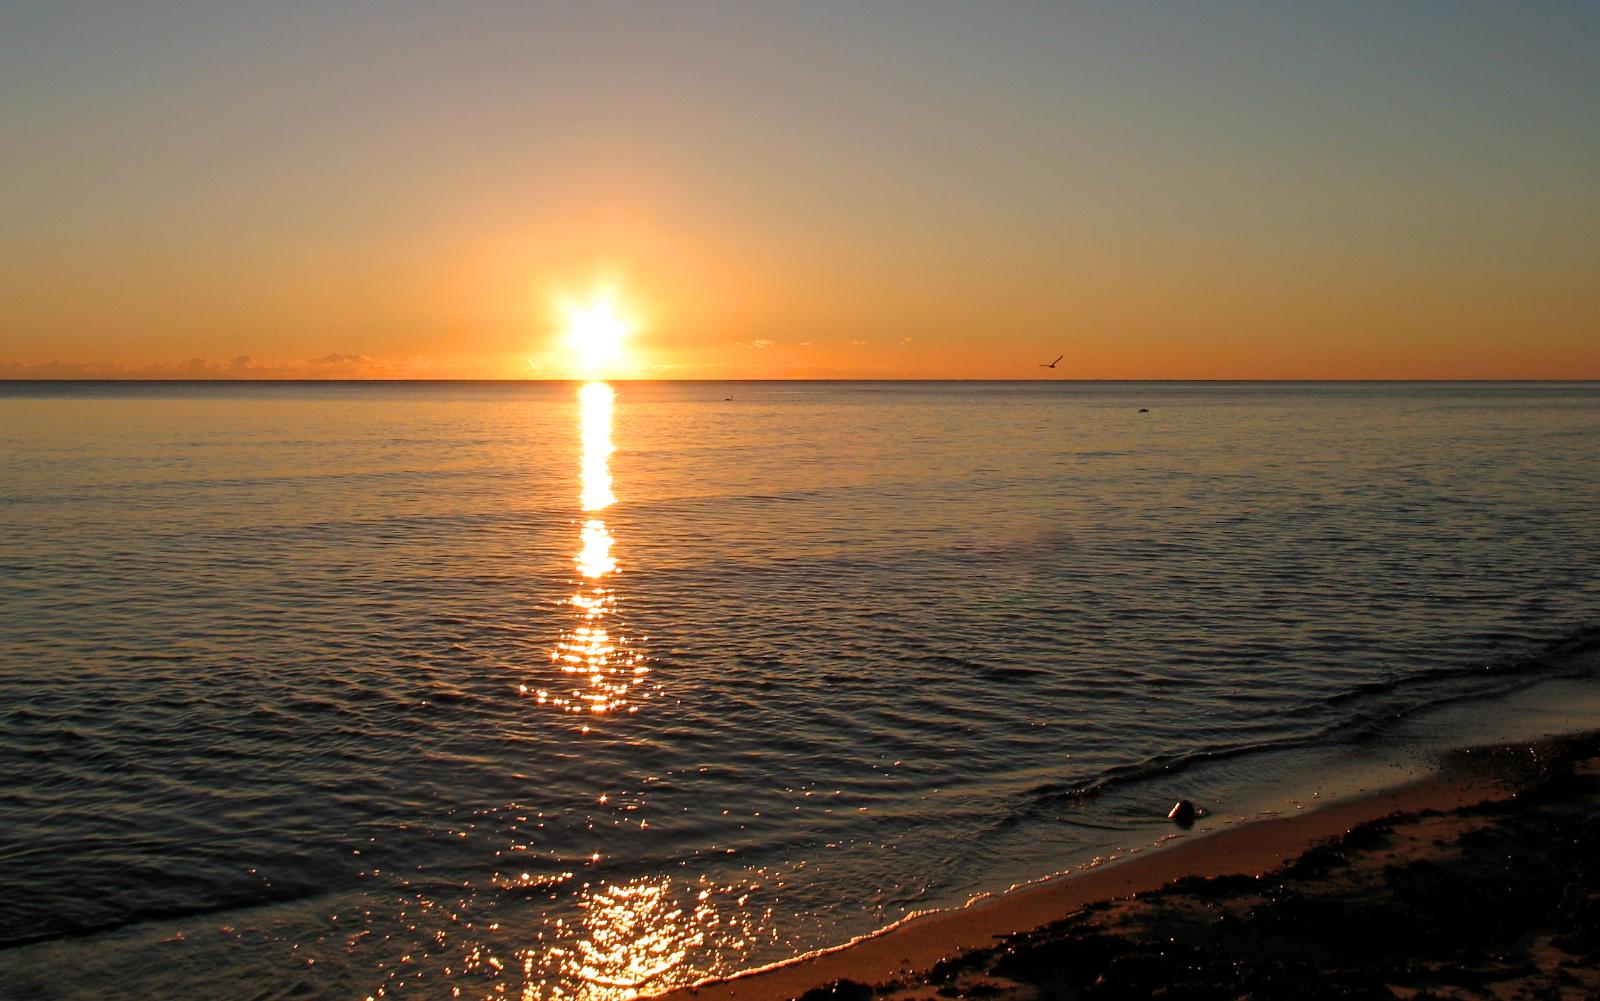 Sonnenaufgang an der Ostsee – Dadanaut